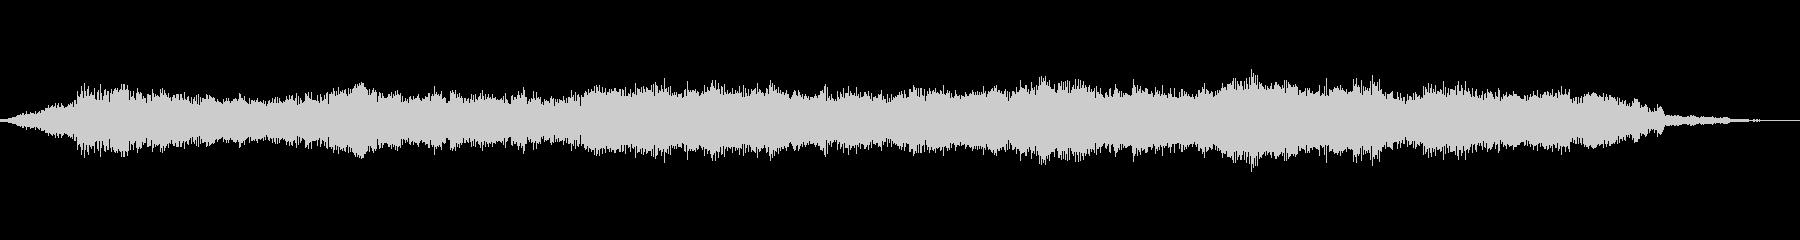 グライダーピッチベンドパッドの未再生の波形